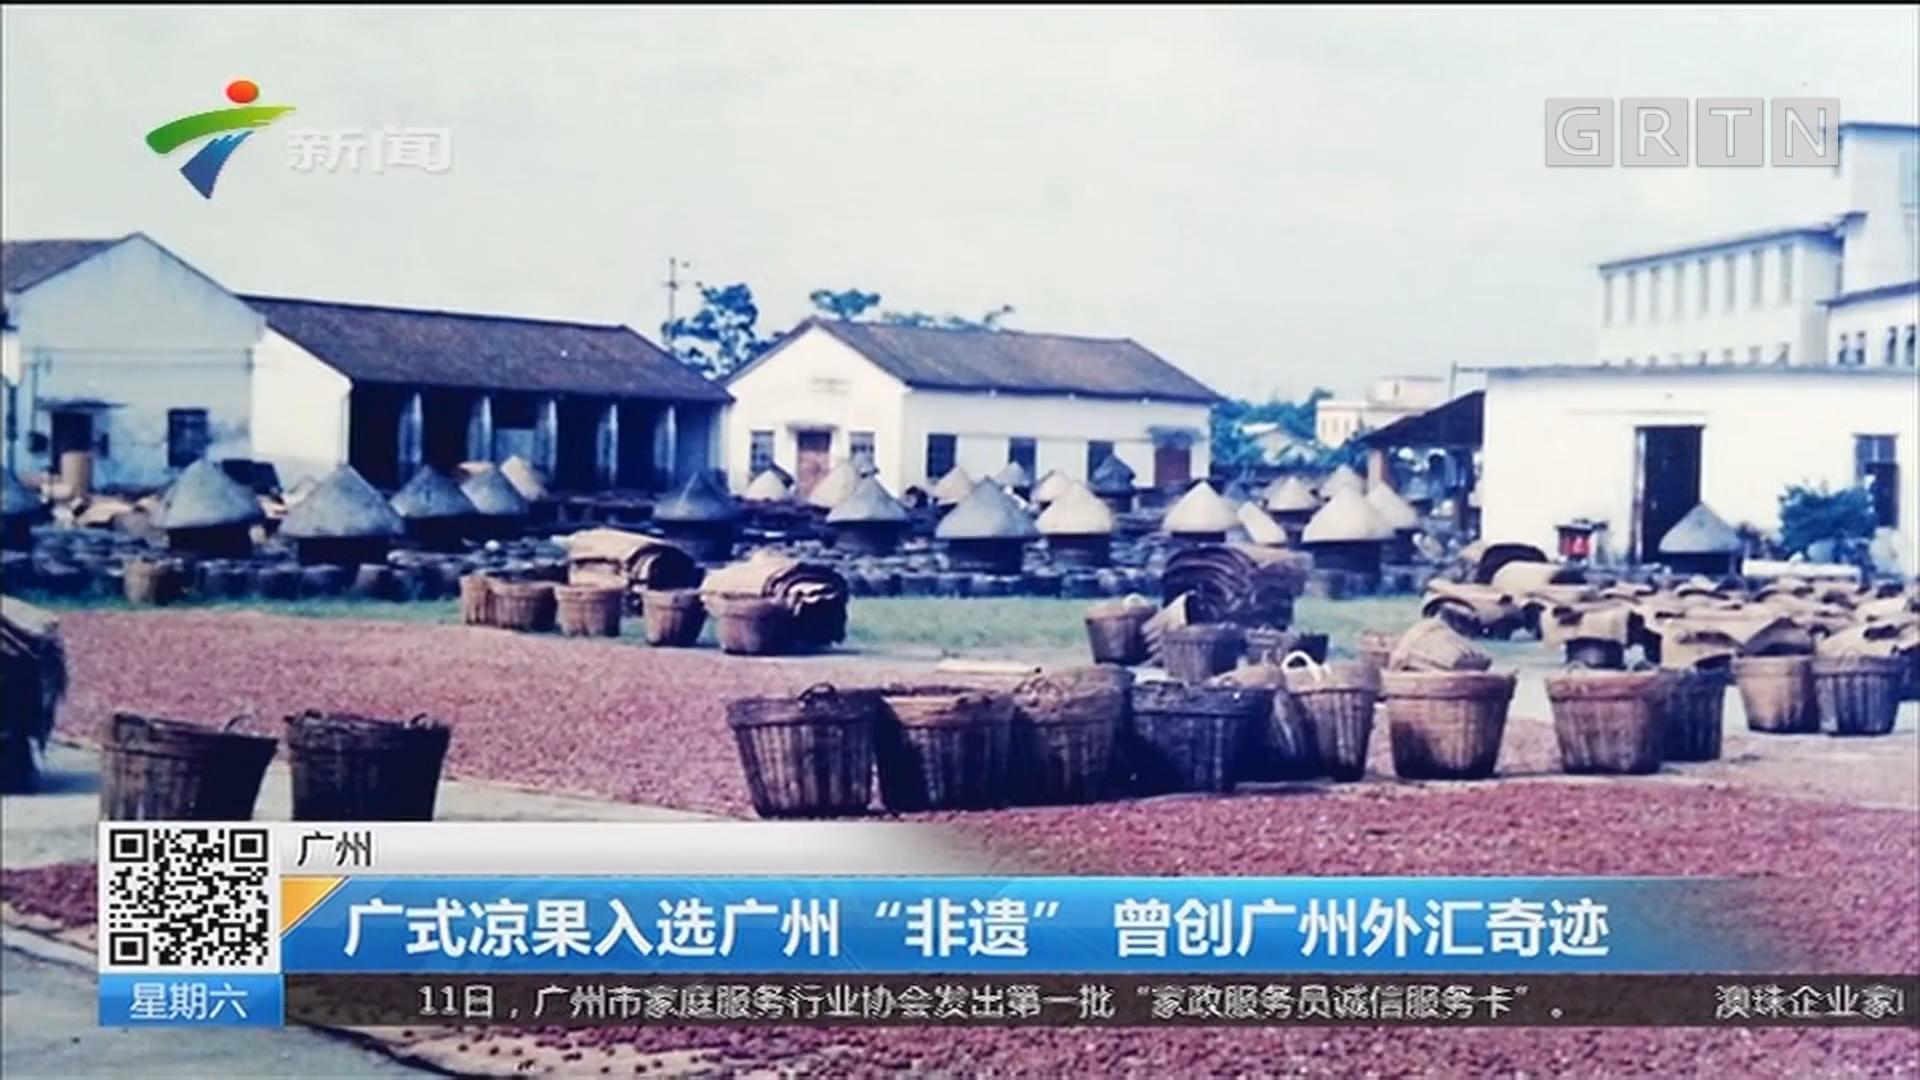 """广州:广式凉果入选广州""""非遗"""" 曾创广州外汇奇迹"""